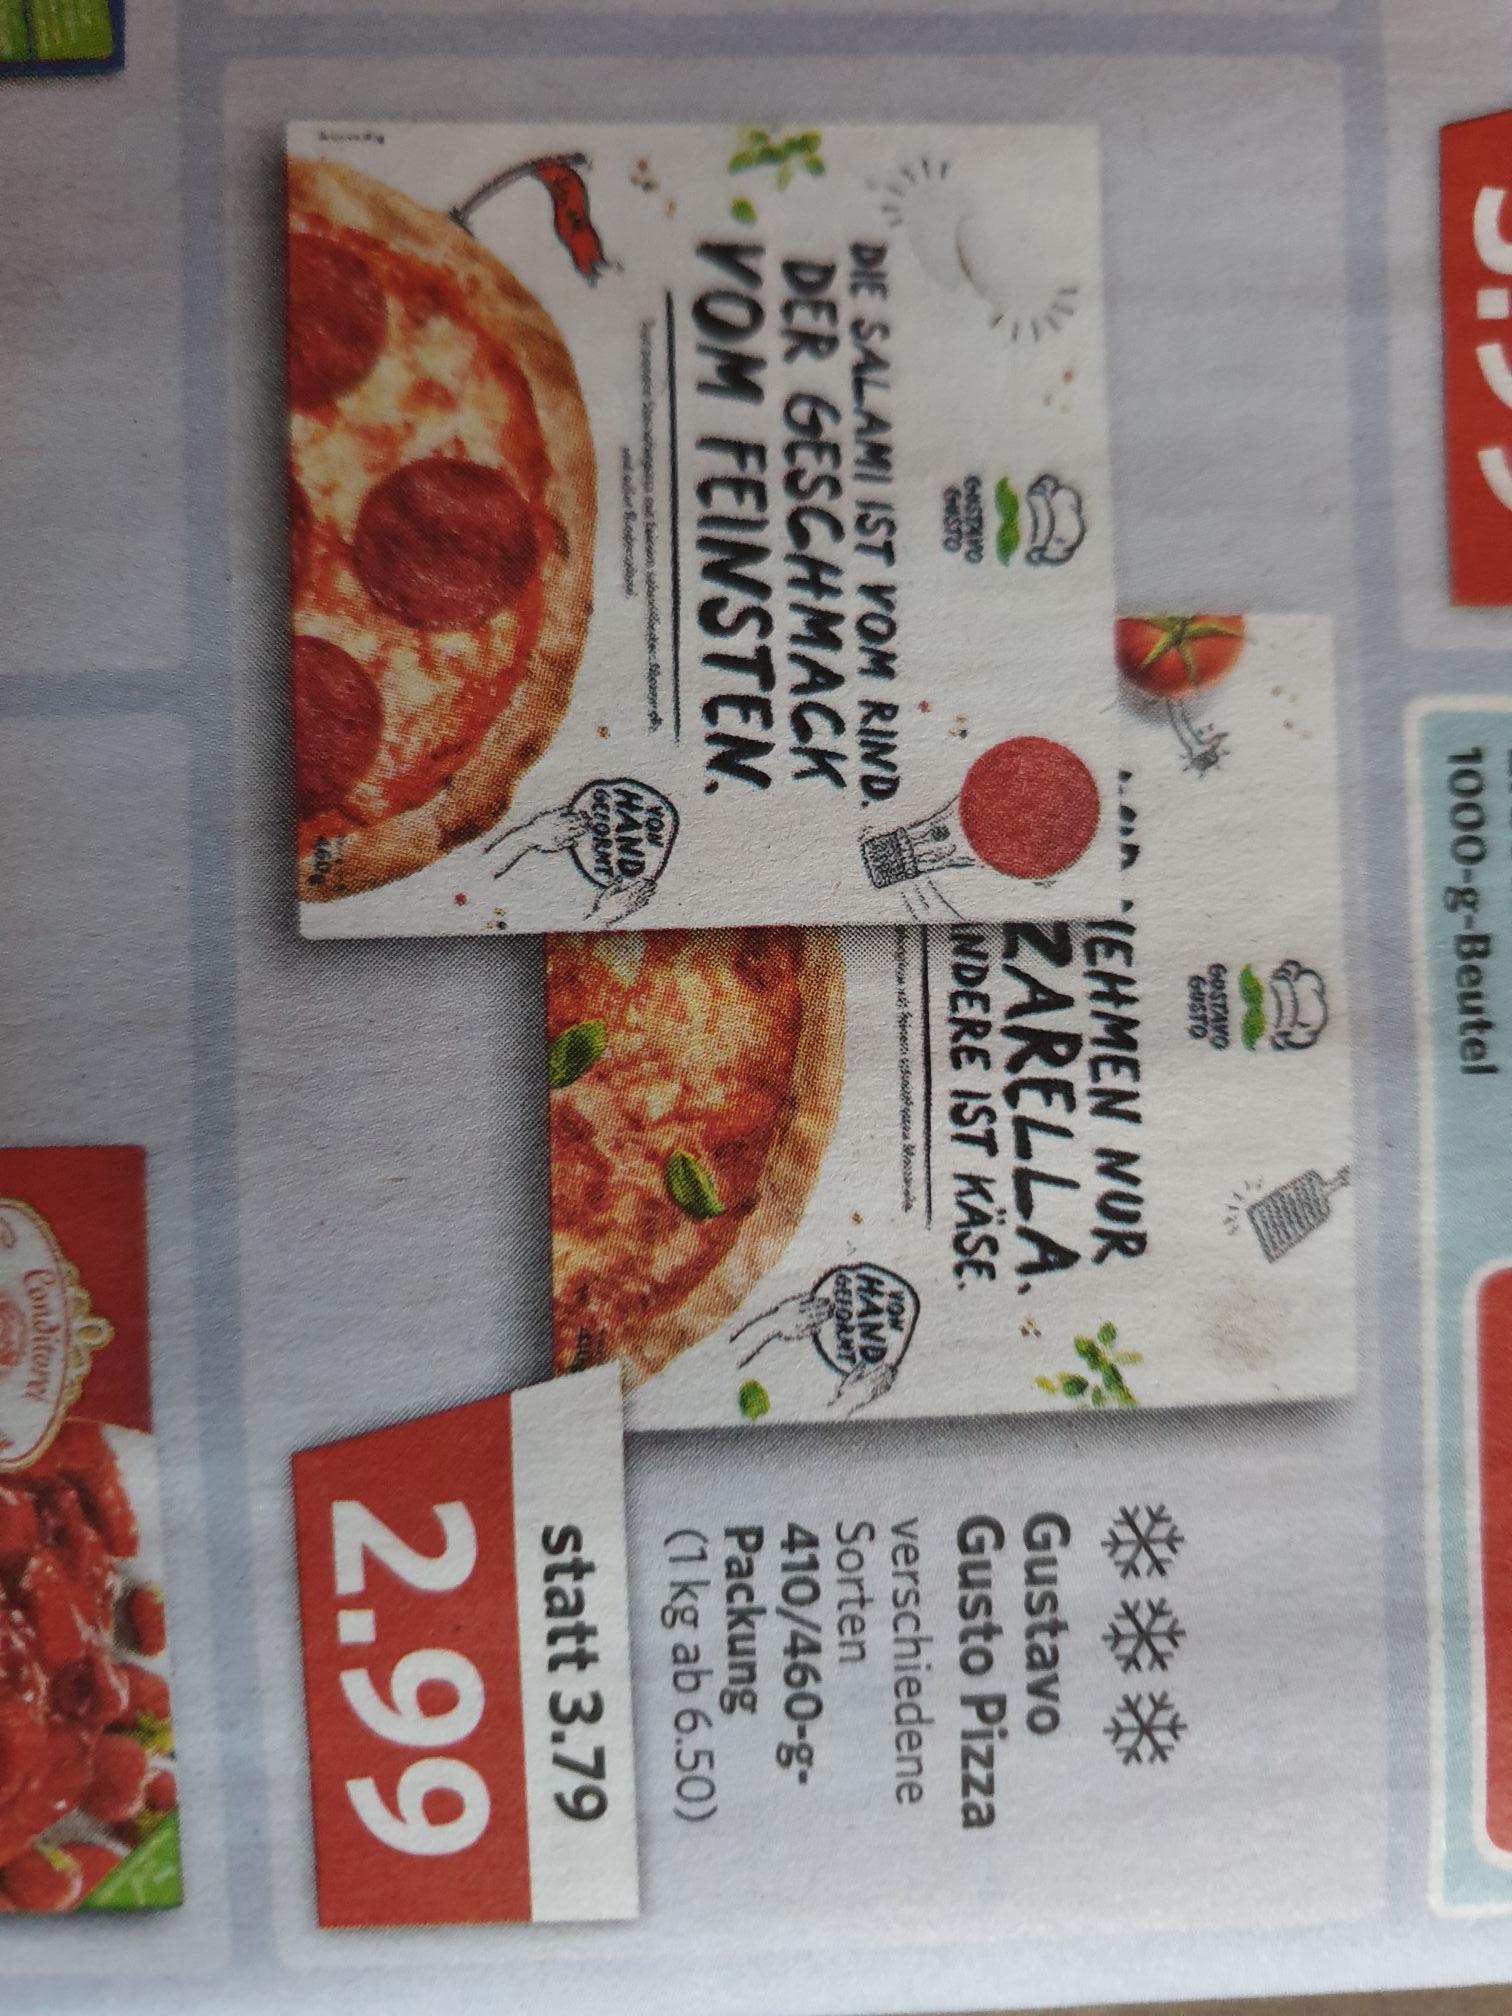 (Combi/Jibi-Markt) Gustavo Gusto Pizza versch. Sorten 2,99€